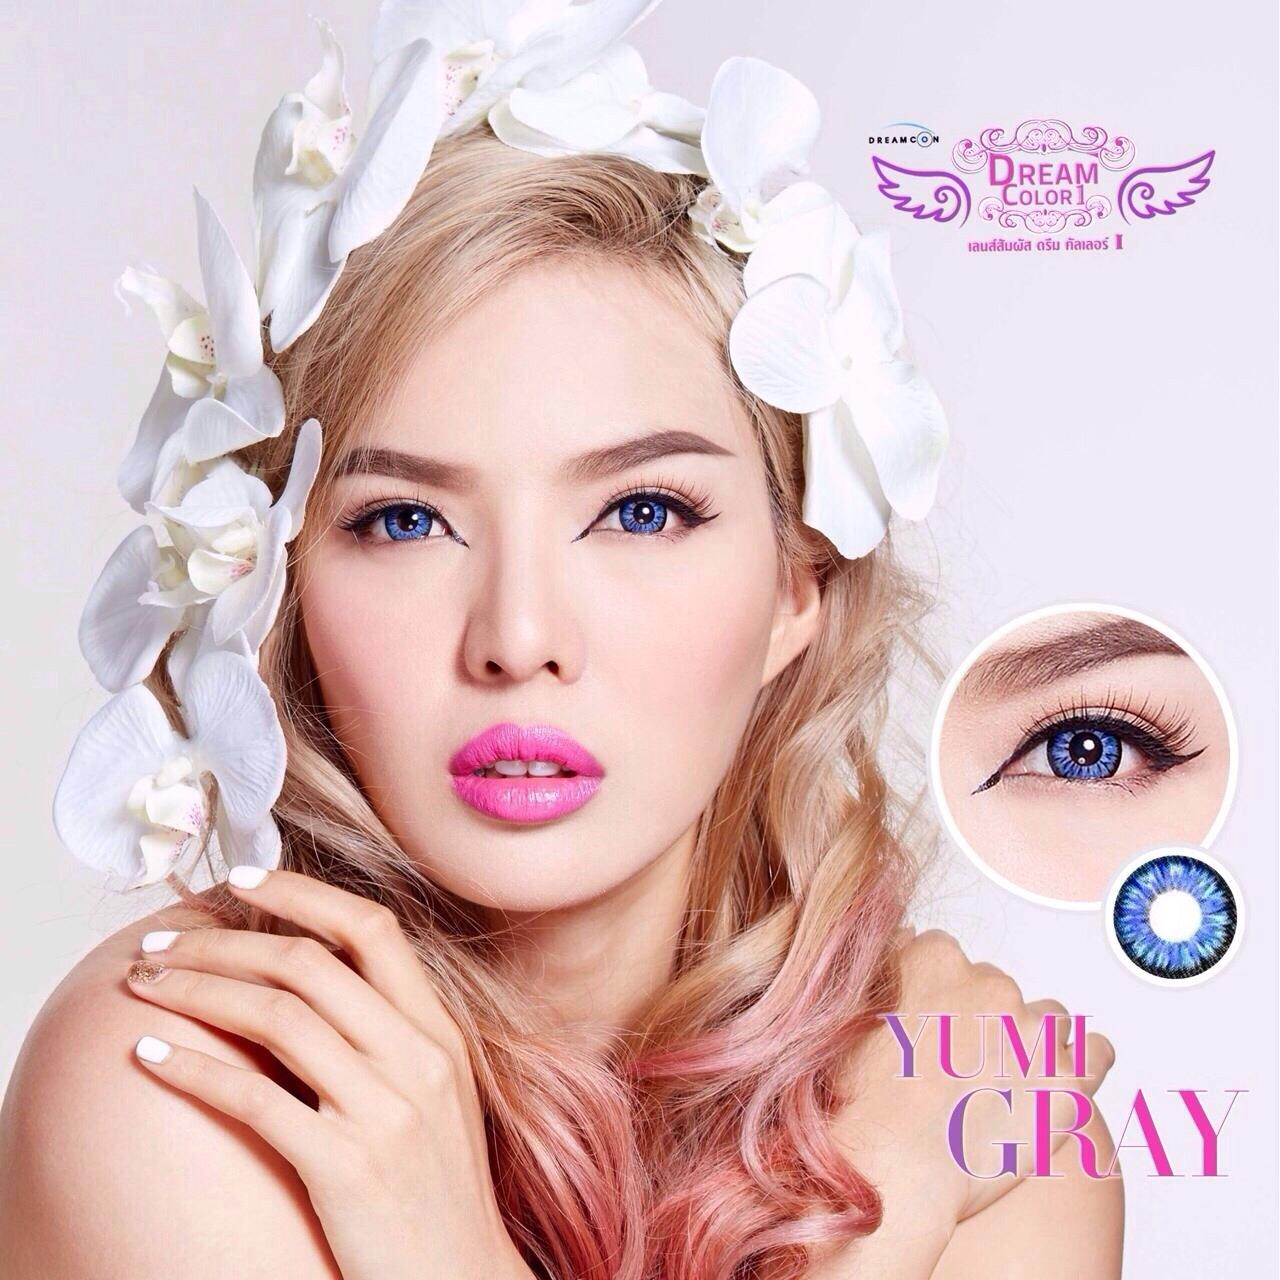 Yumi Gray Dreamcolor1 คอนแทคเลนส์ ขายส่งคอนแทคเลนส์ Bigeyeเกาหลี ขายส่งตลับคอนแทคเลนส์ ขายส่งน้ำยาล้างคอนแทคเลนส์